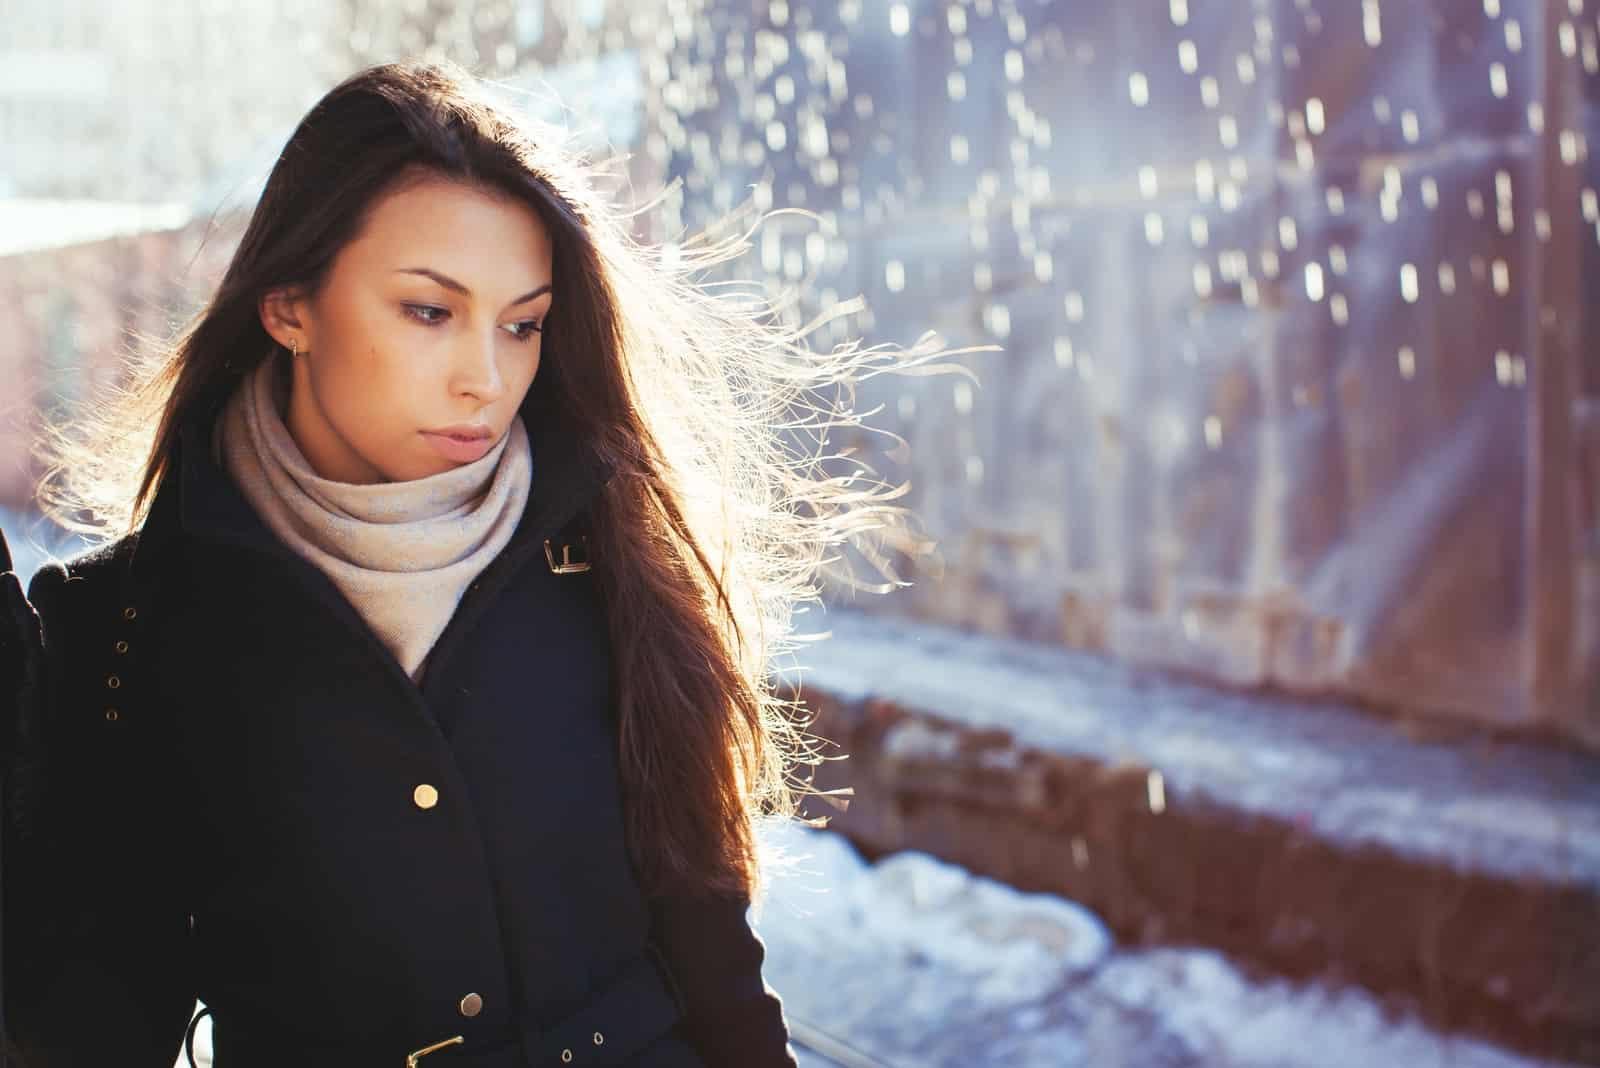 Wann lassen Narzissten los: Der Moment, an dem die Fesseln brechen